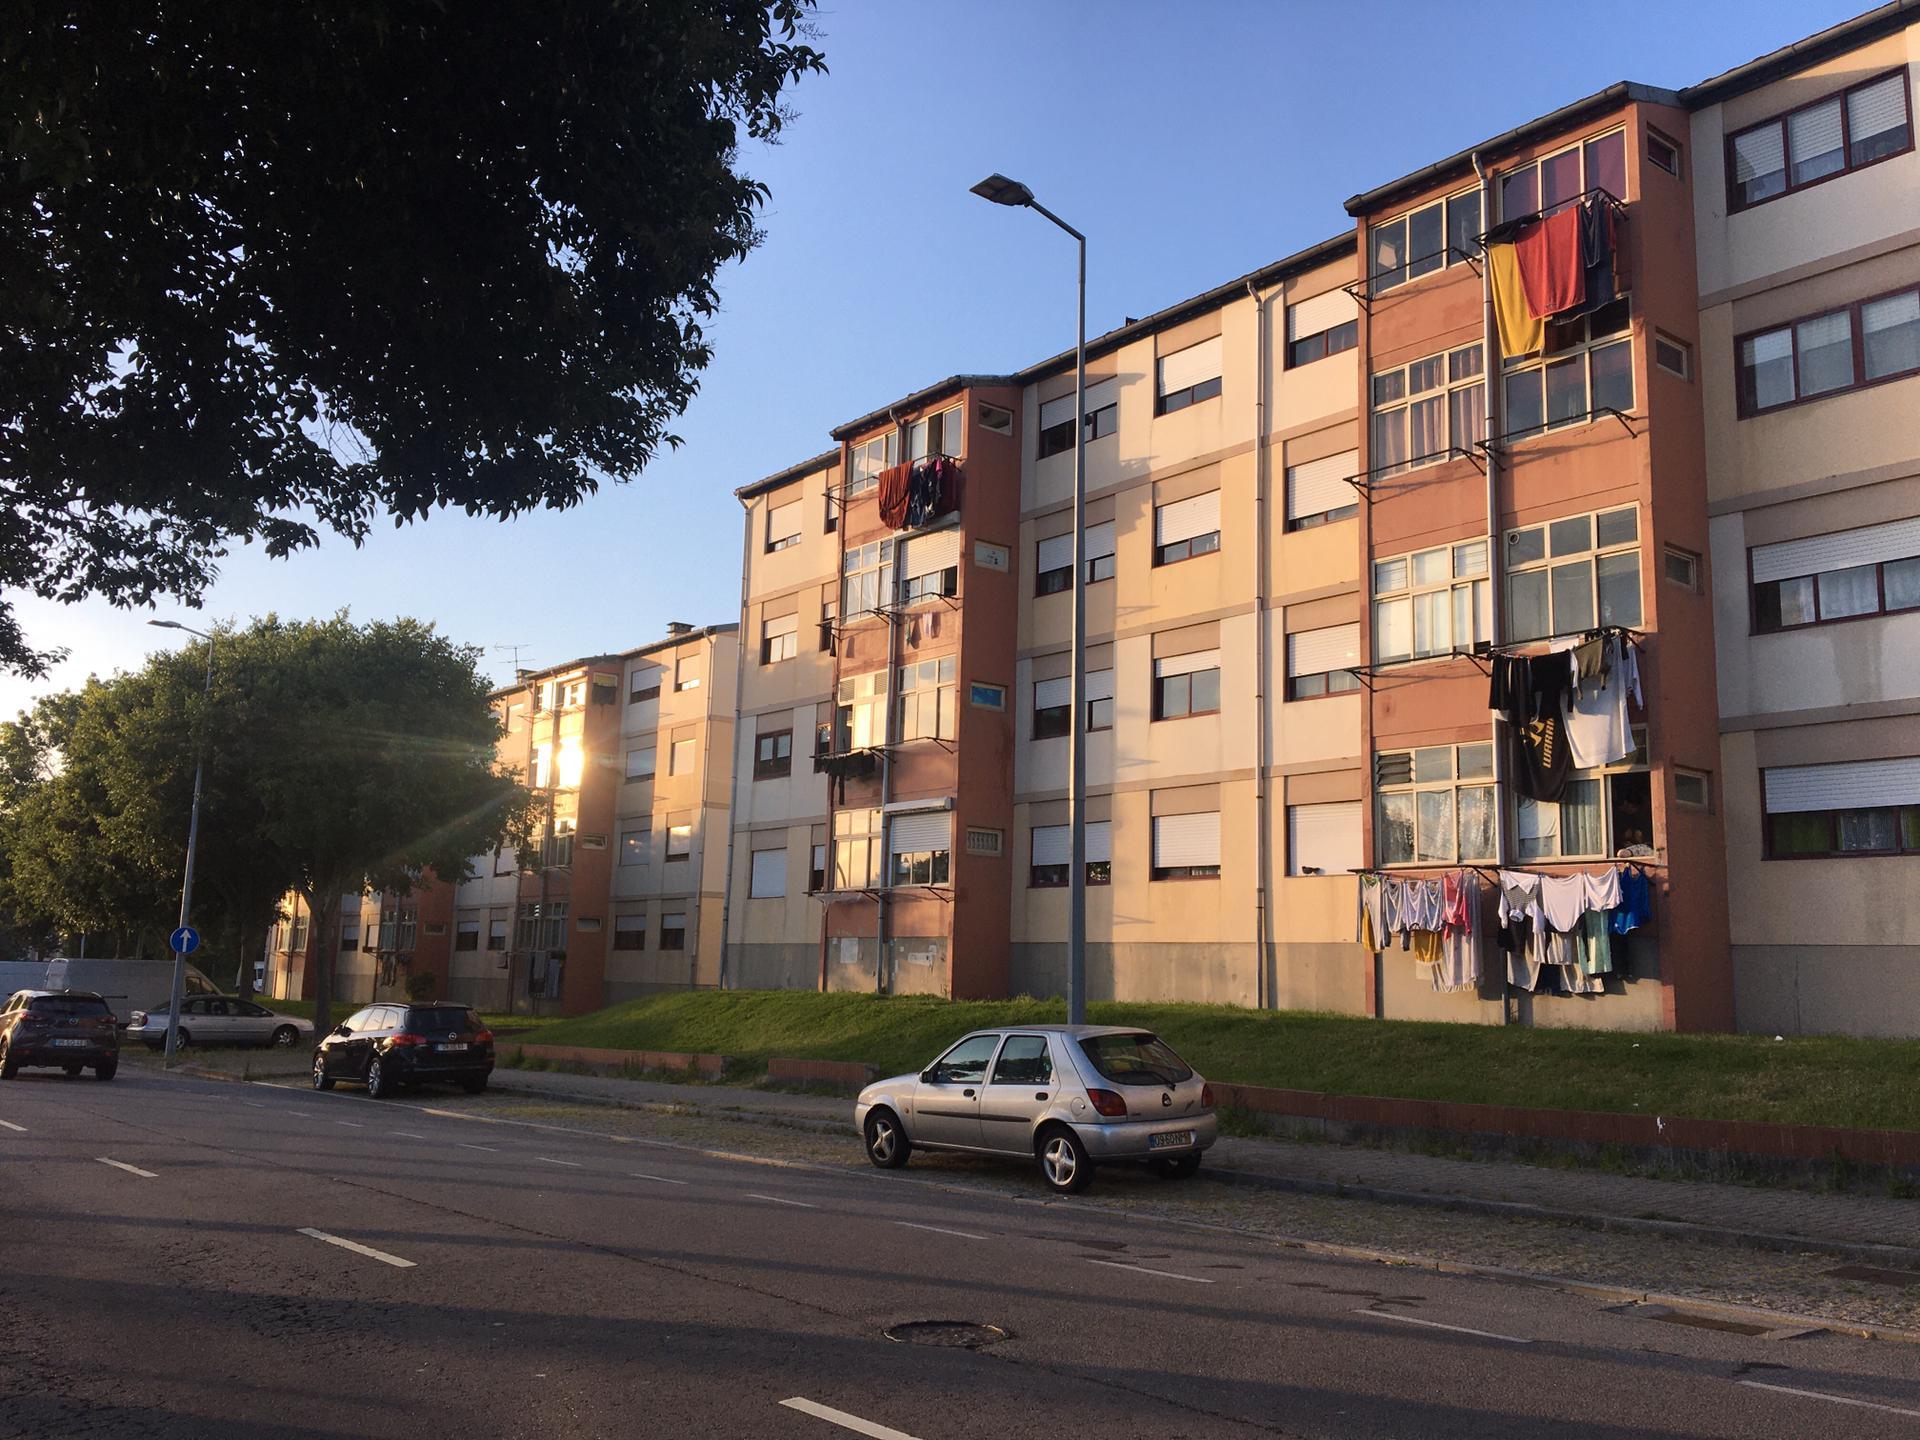 """Viver no Bairro: """"As pessoas tentam tirar uma má opinião de nós, por sermos de um bairro."""""""